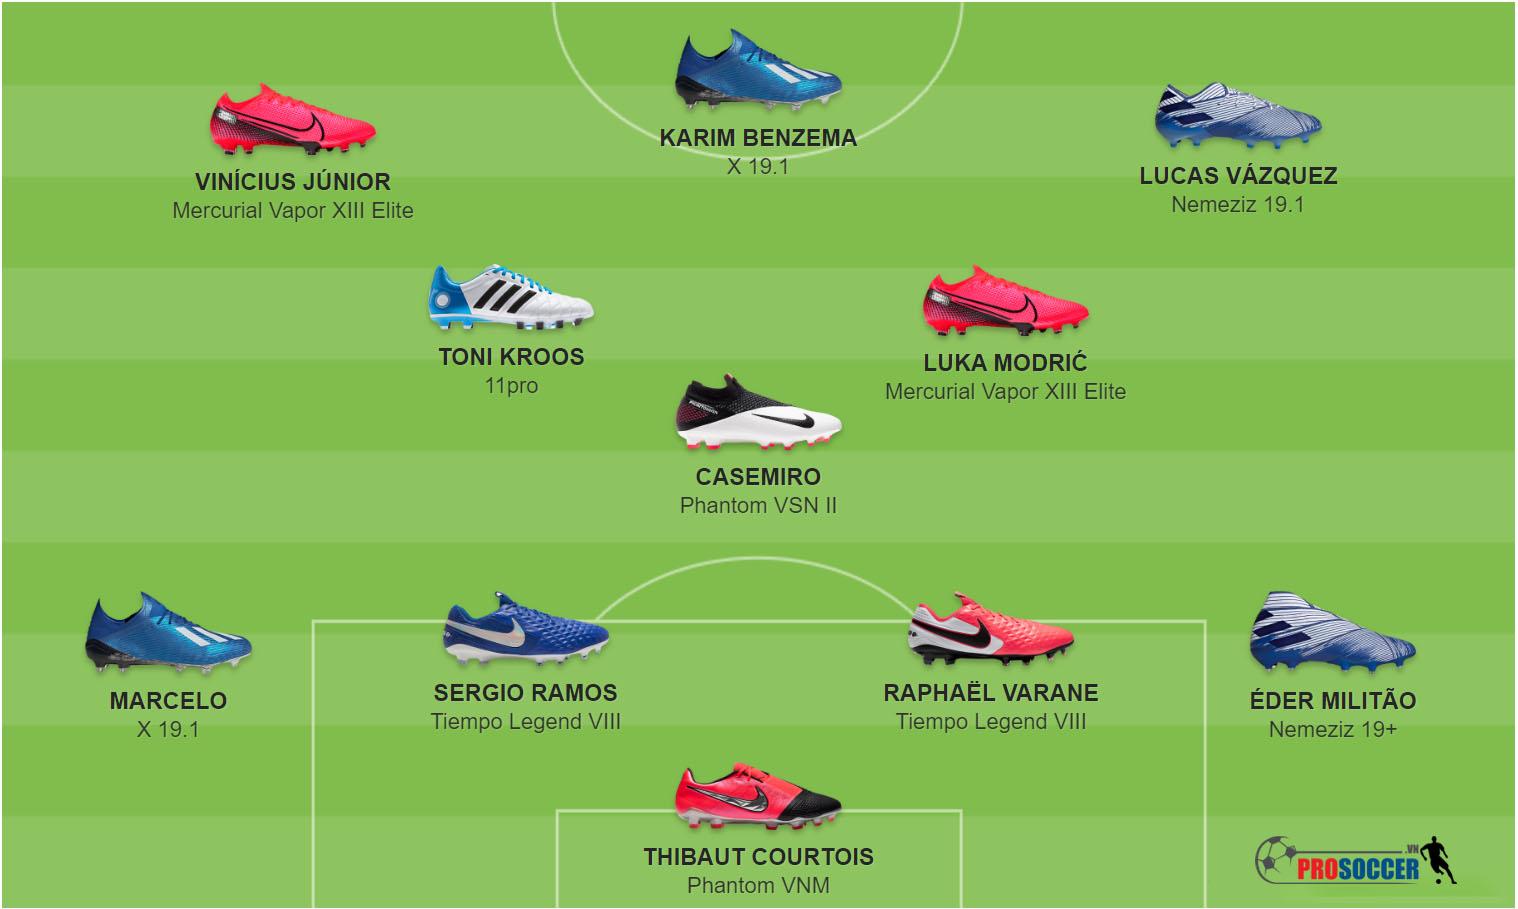 Các mẫu giày đá bóng đội hình chính Real Madrid sử dụng